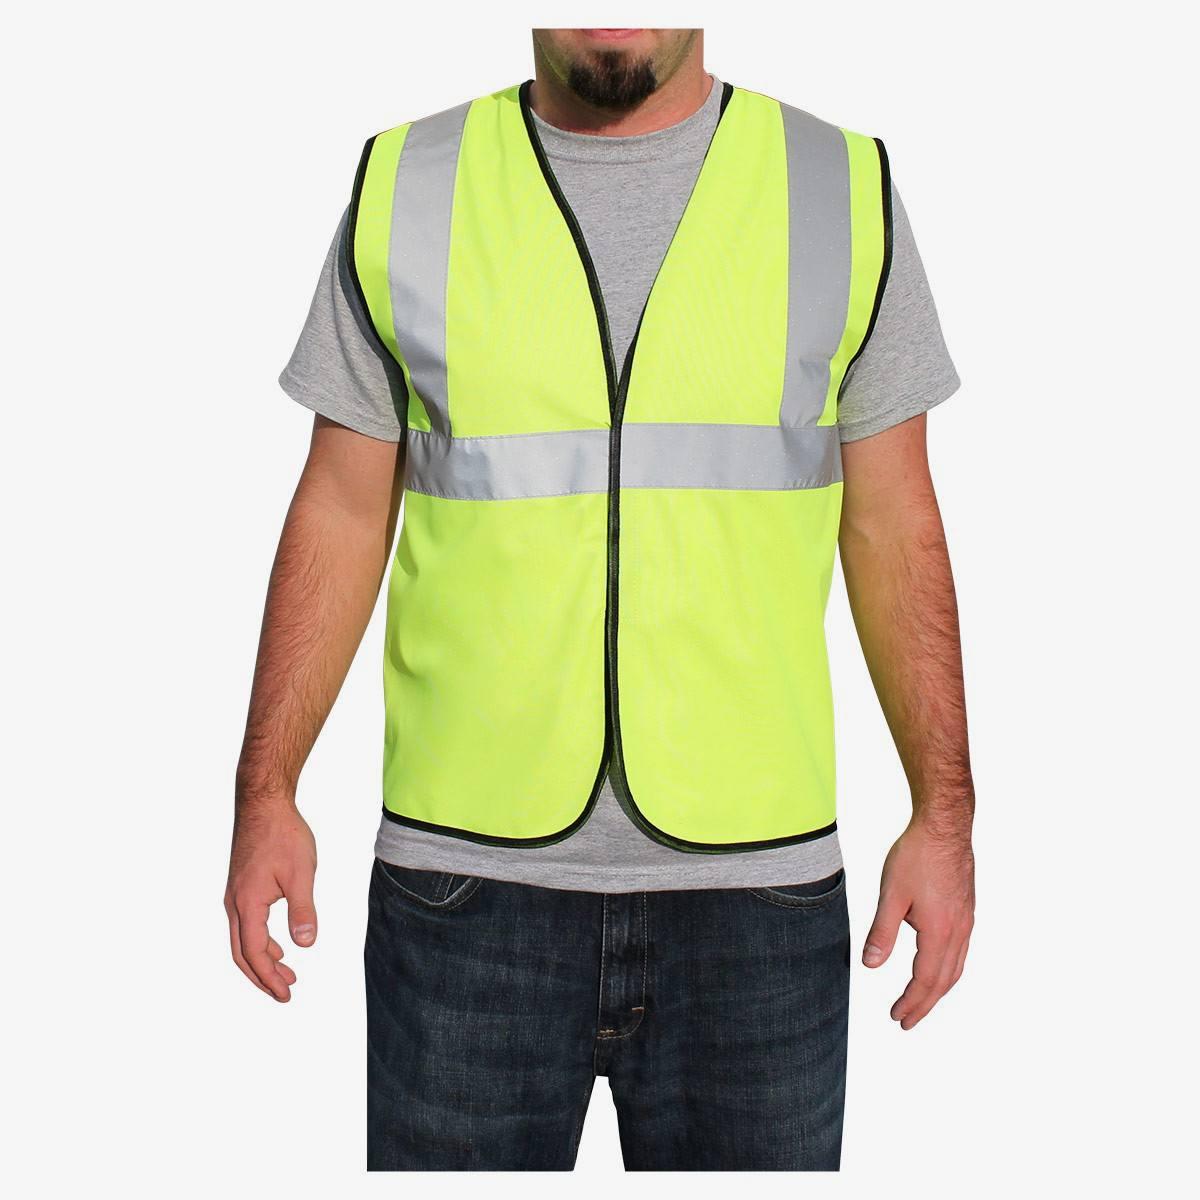 Rugged Blue Ansi Class 2 Economy Safety Vest